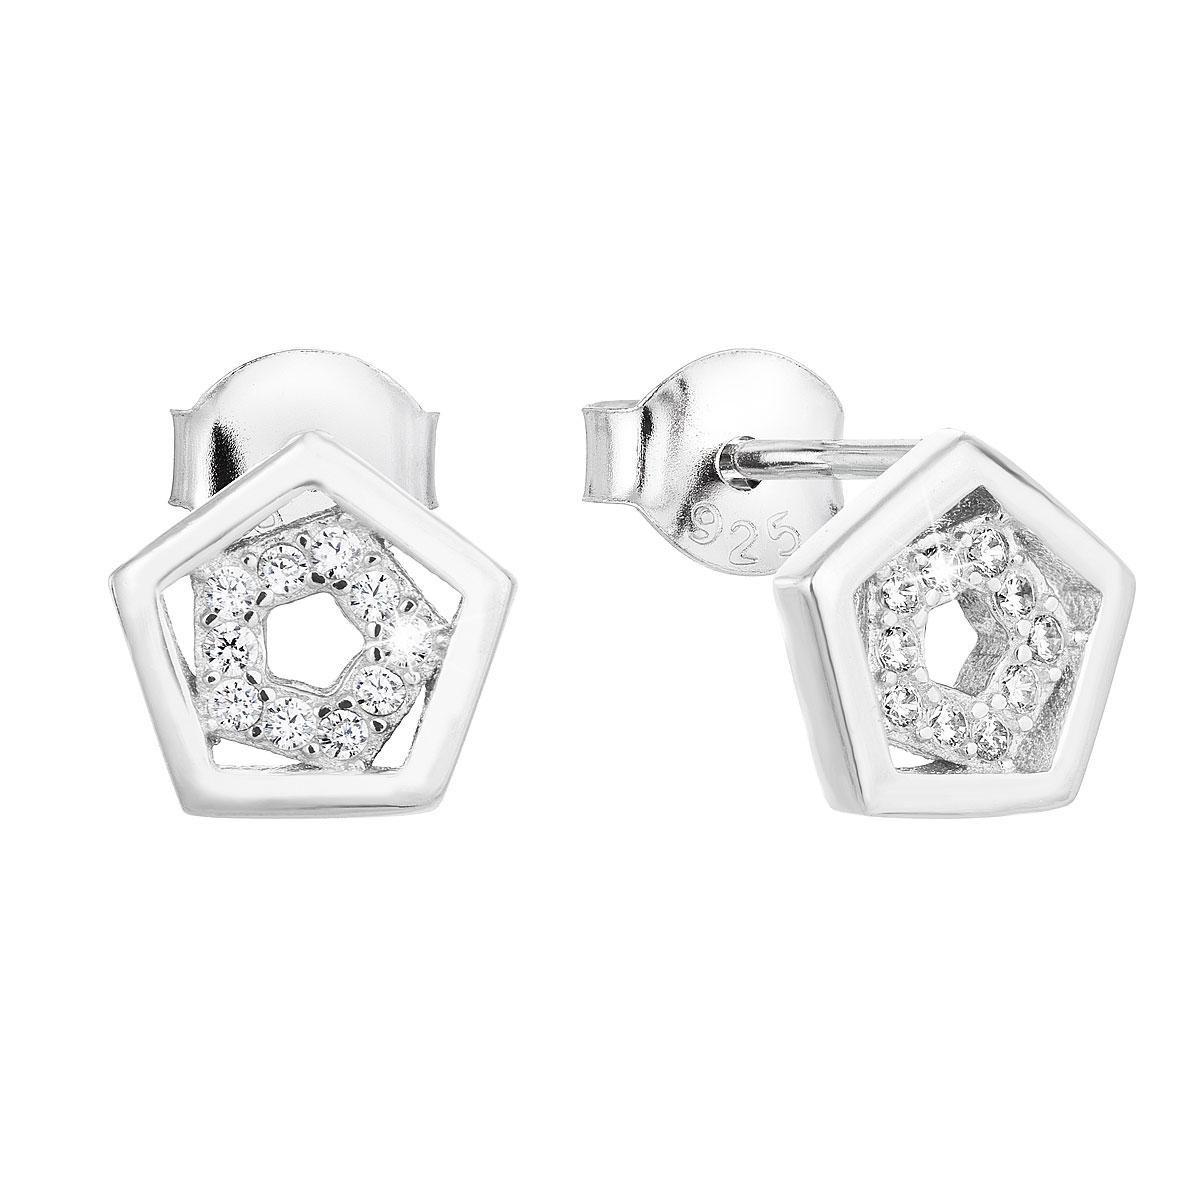 Strieborné náušnice perličky so zirkónom v bielej farbe 11026.1